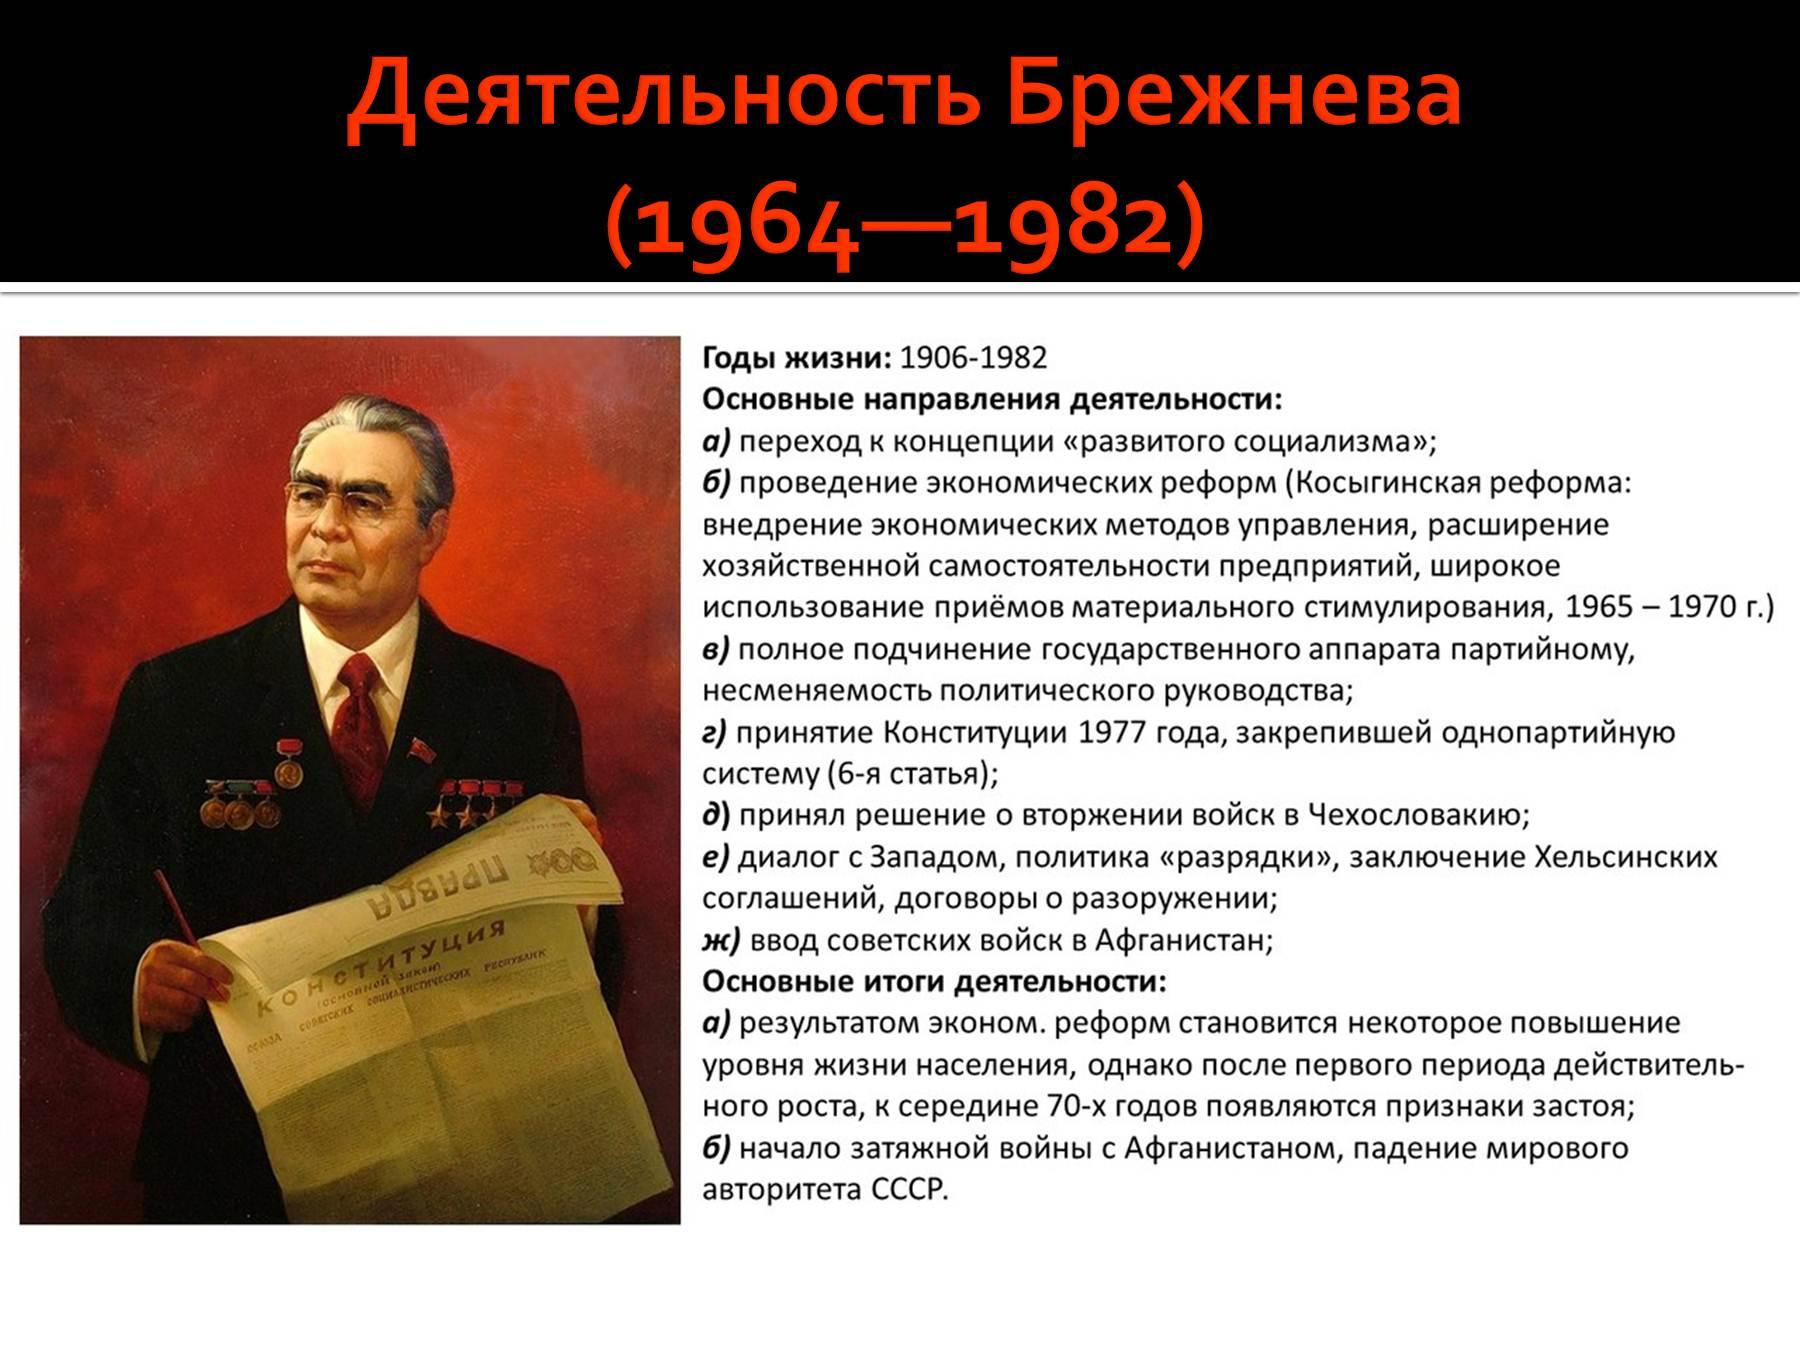 учреждение появилось политический портрет косыгина и брежнева презентация продаже квартир